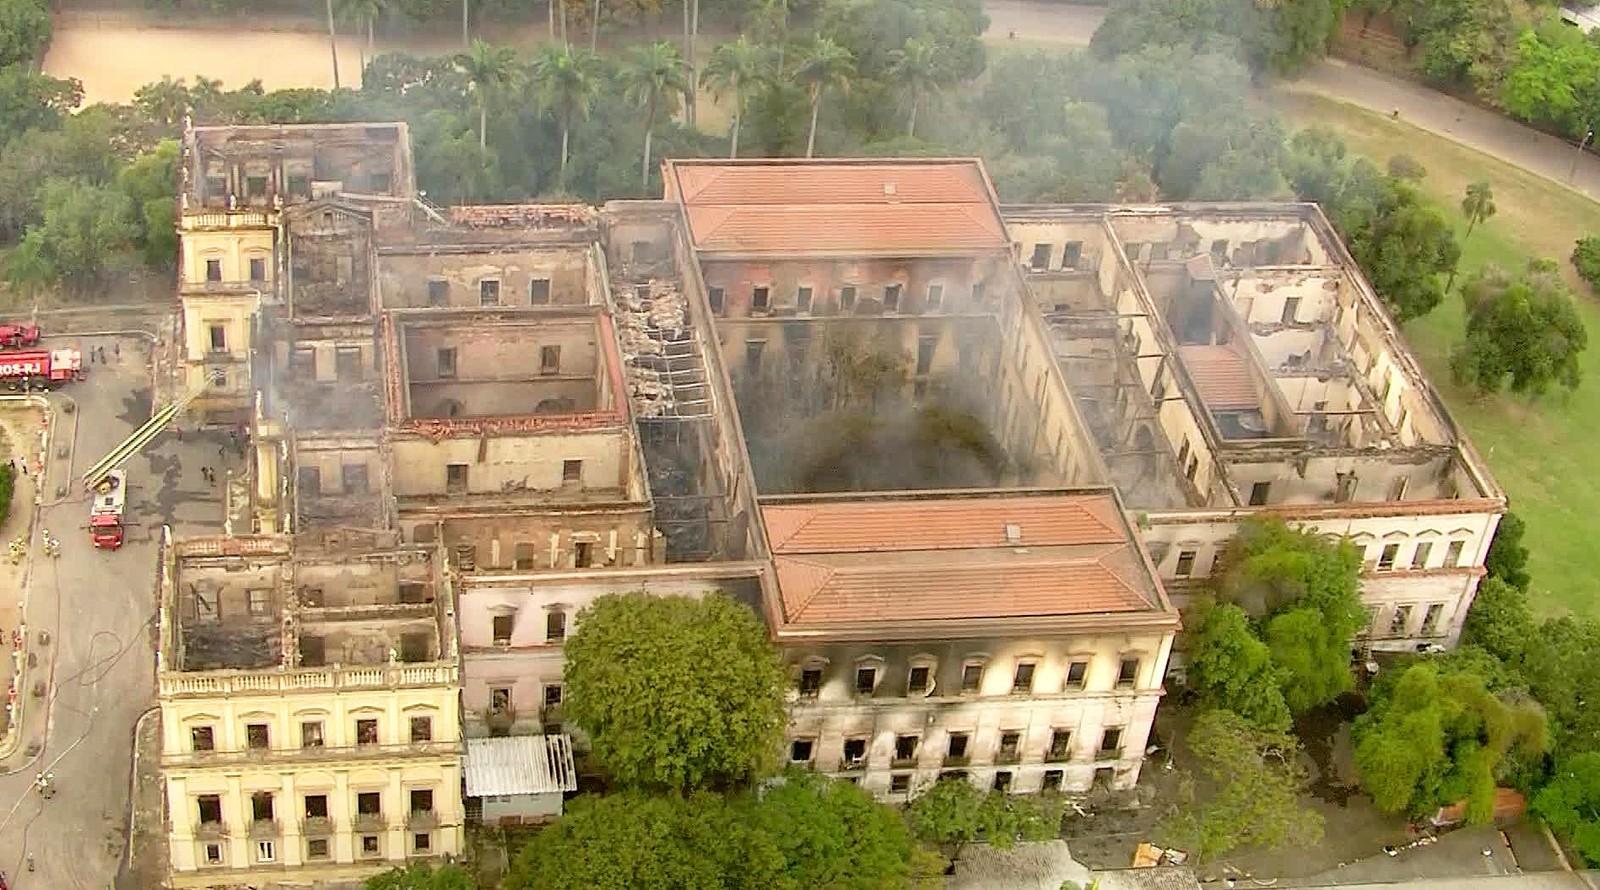 musée national de l'université fédérale de Rio de Janeiro